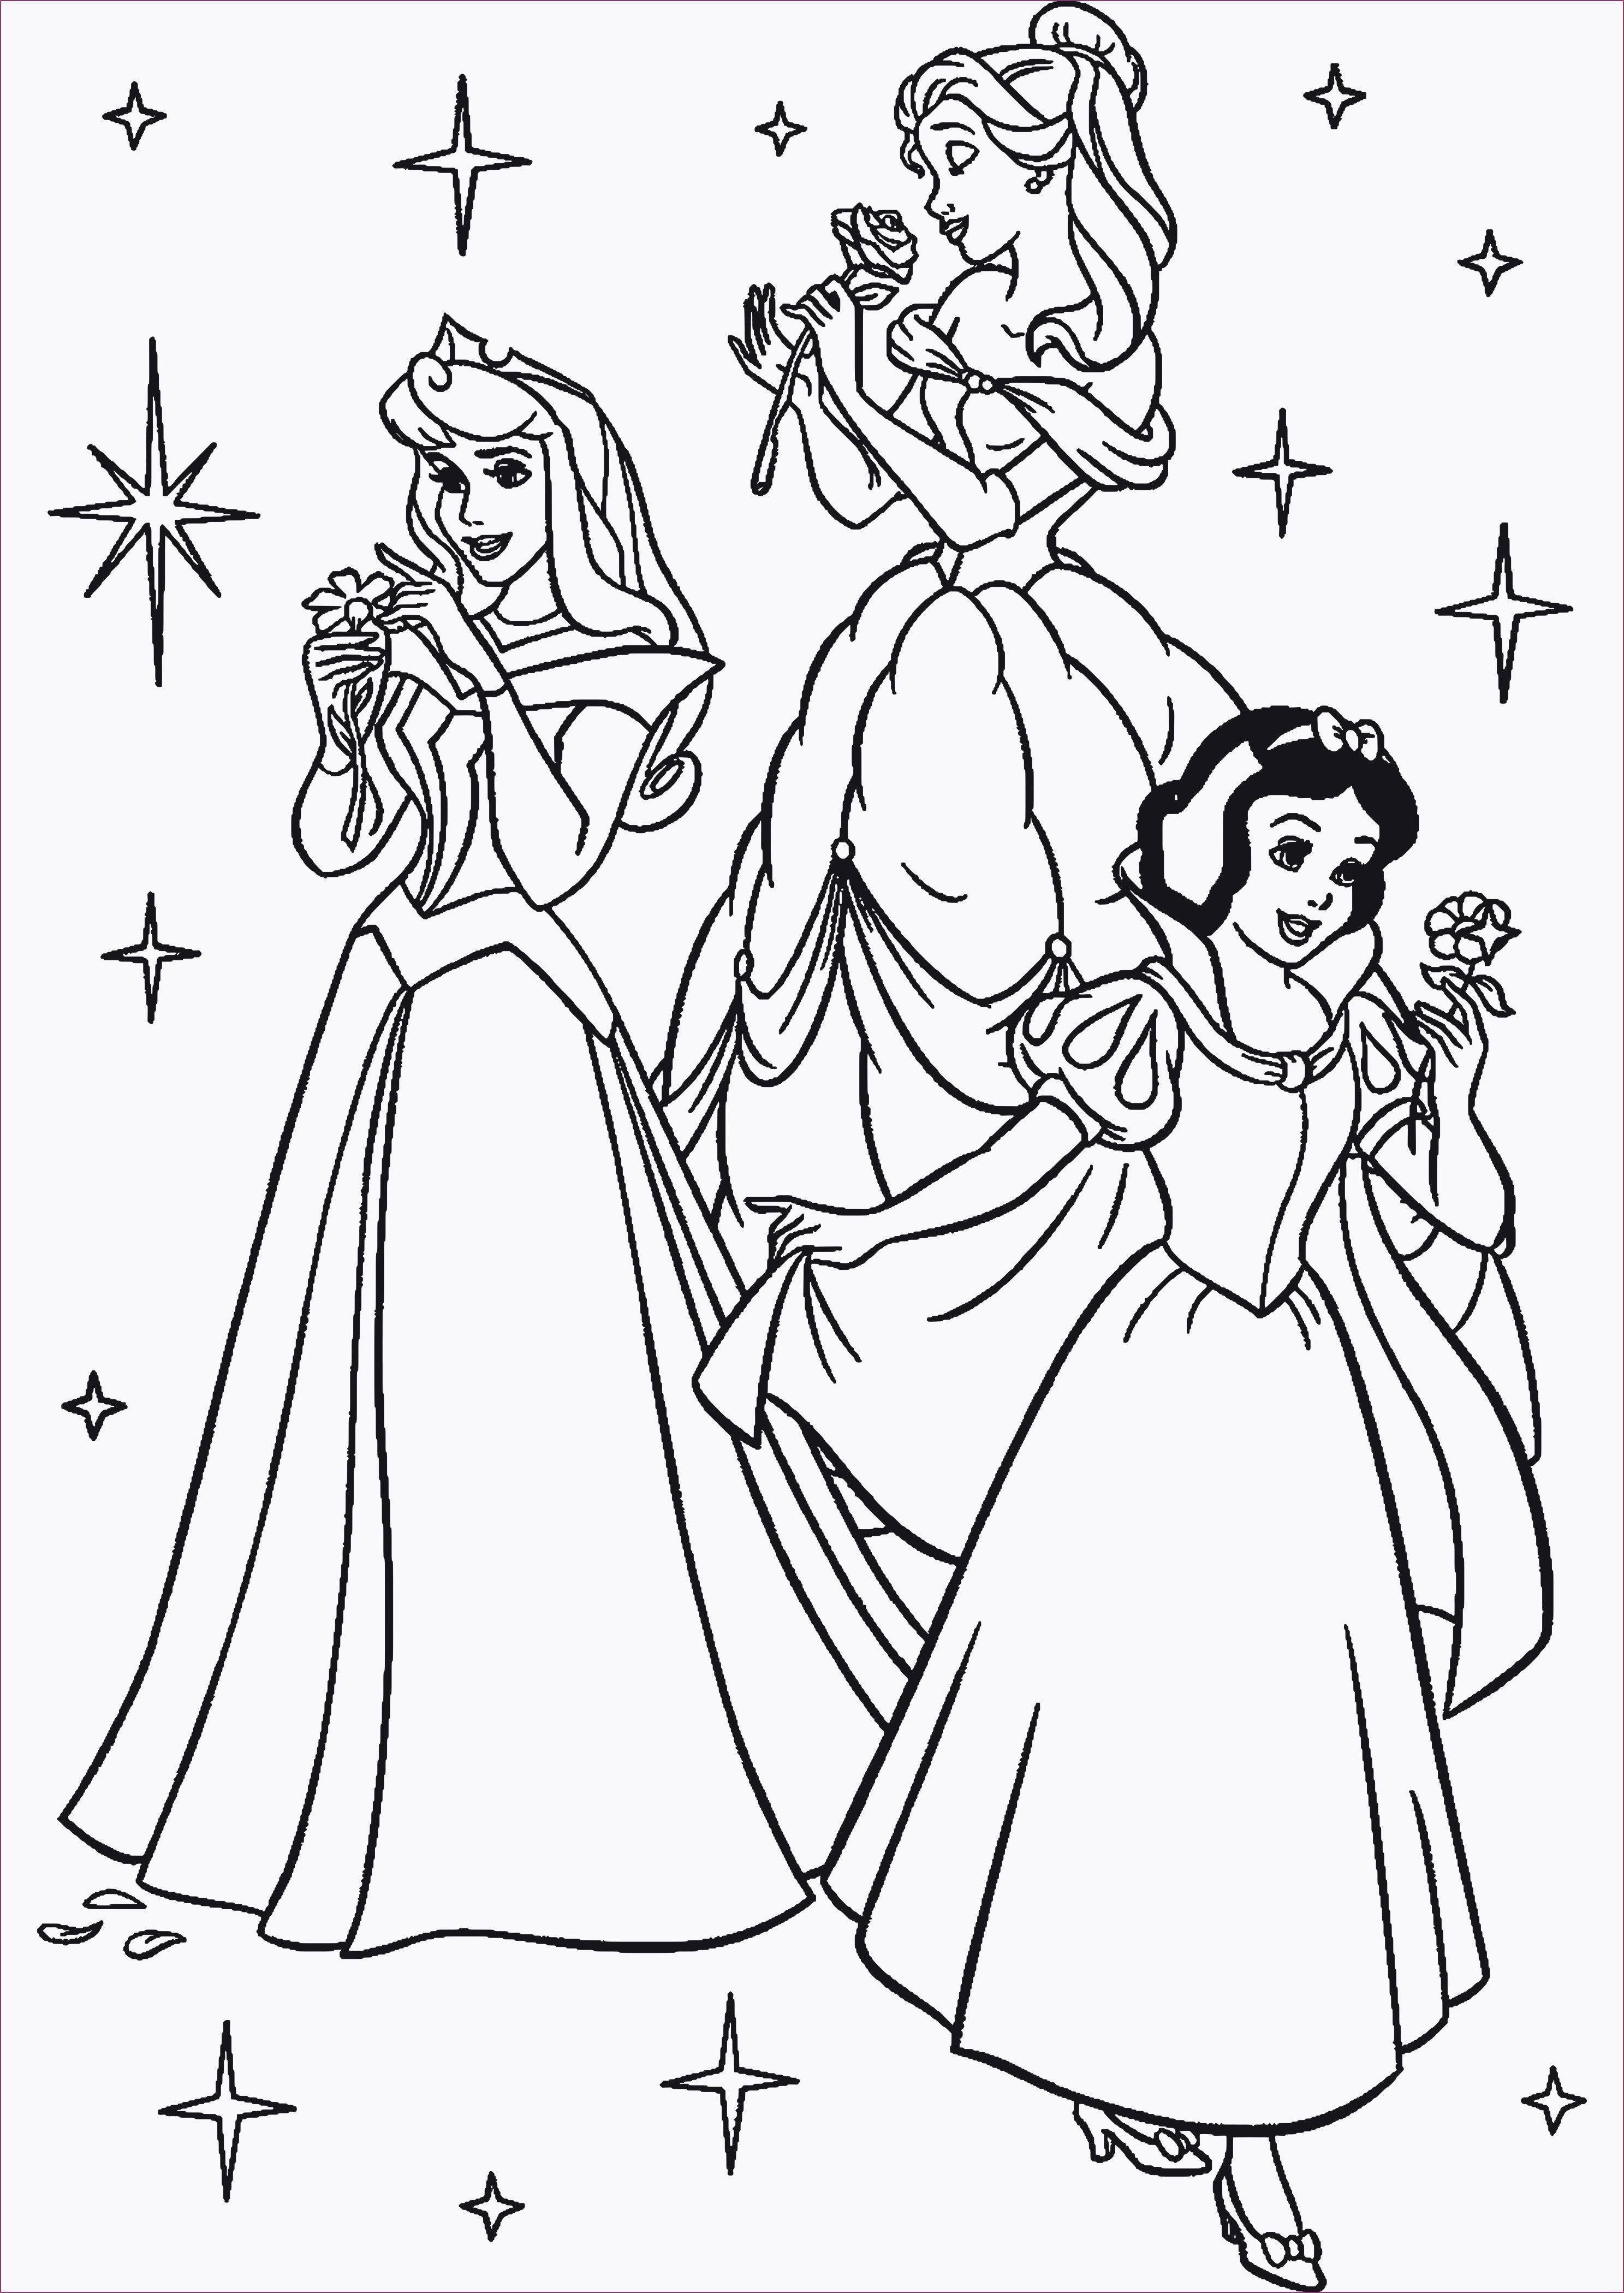 Disney Ausmalbilder Gratis Zum Drucken Das Beste Von Ausmalbilder Prinzessin Disney Neu Anna Und Elsa Ausmalbild Bilder